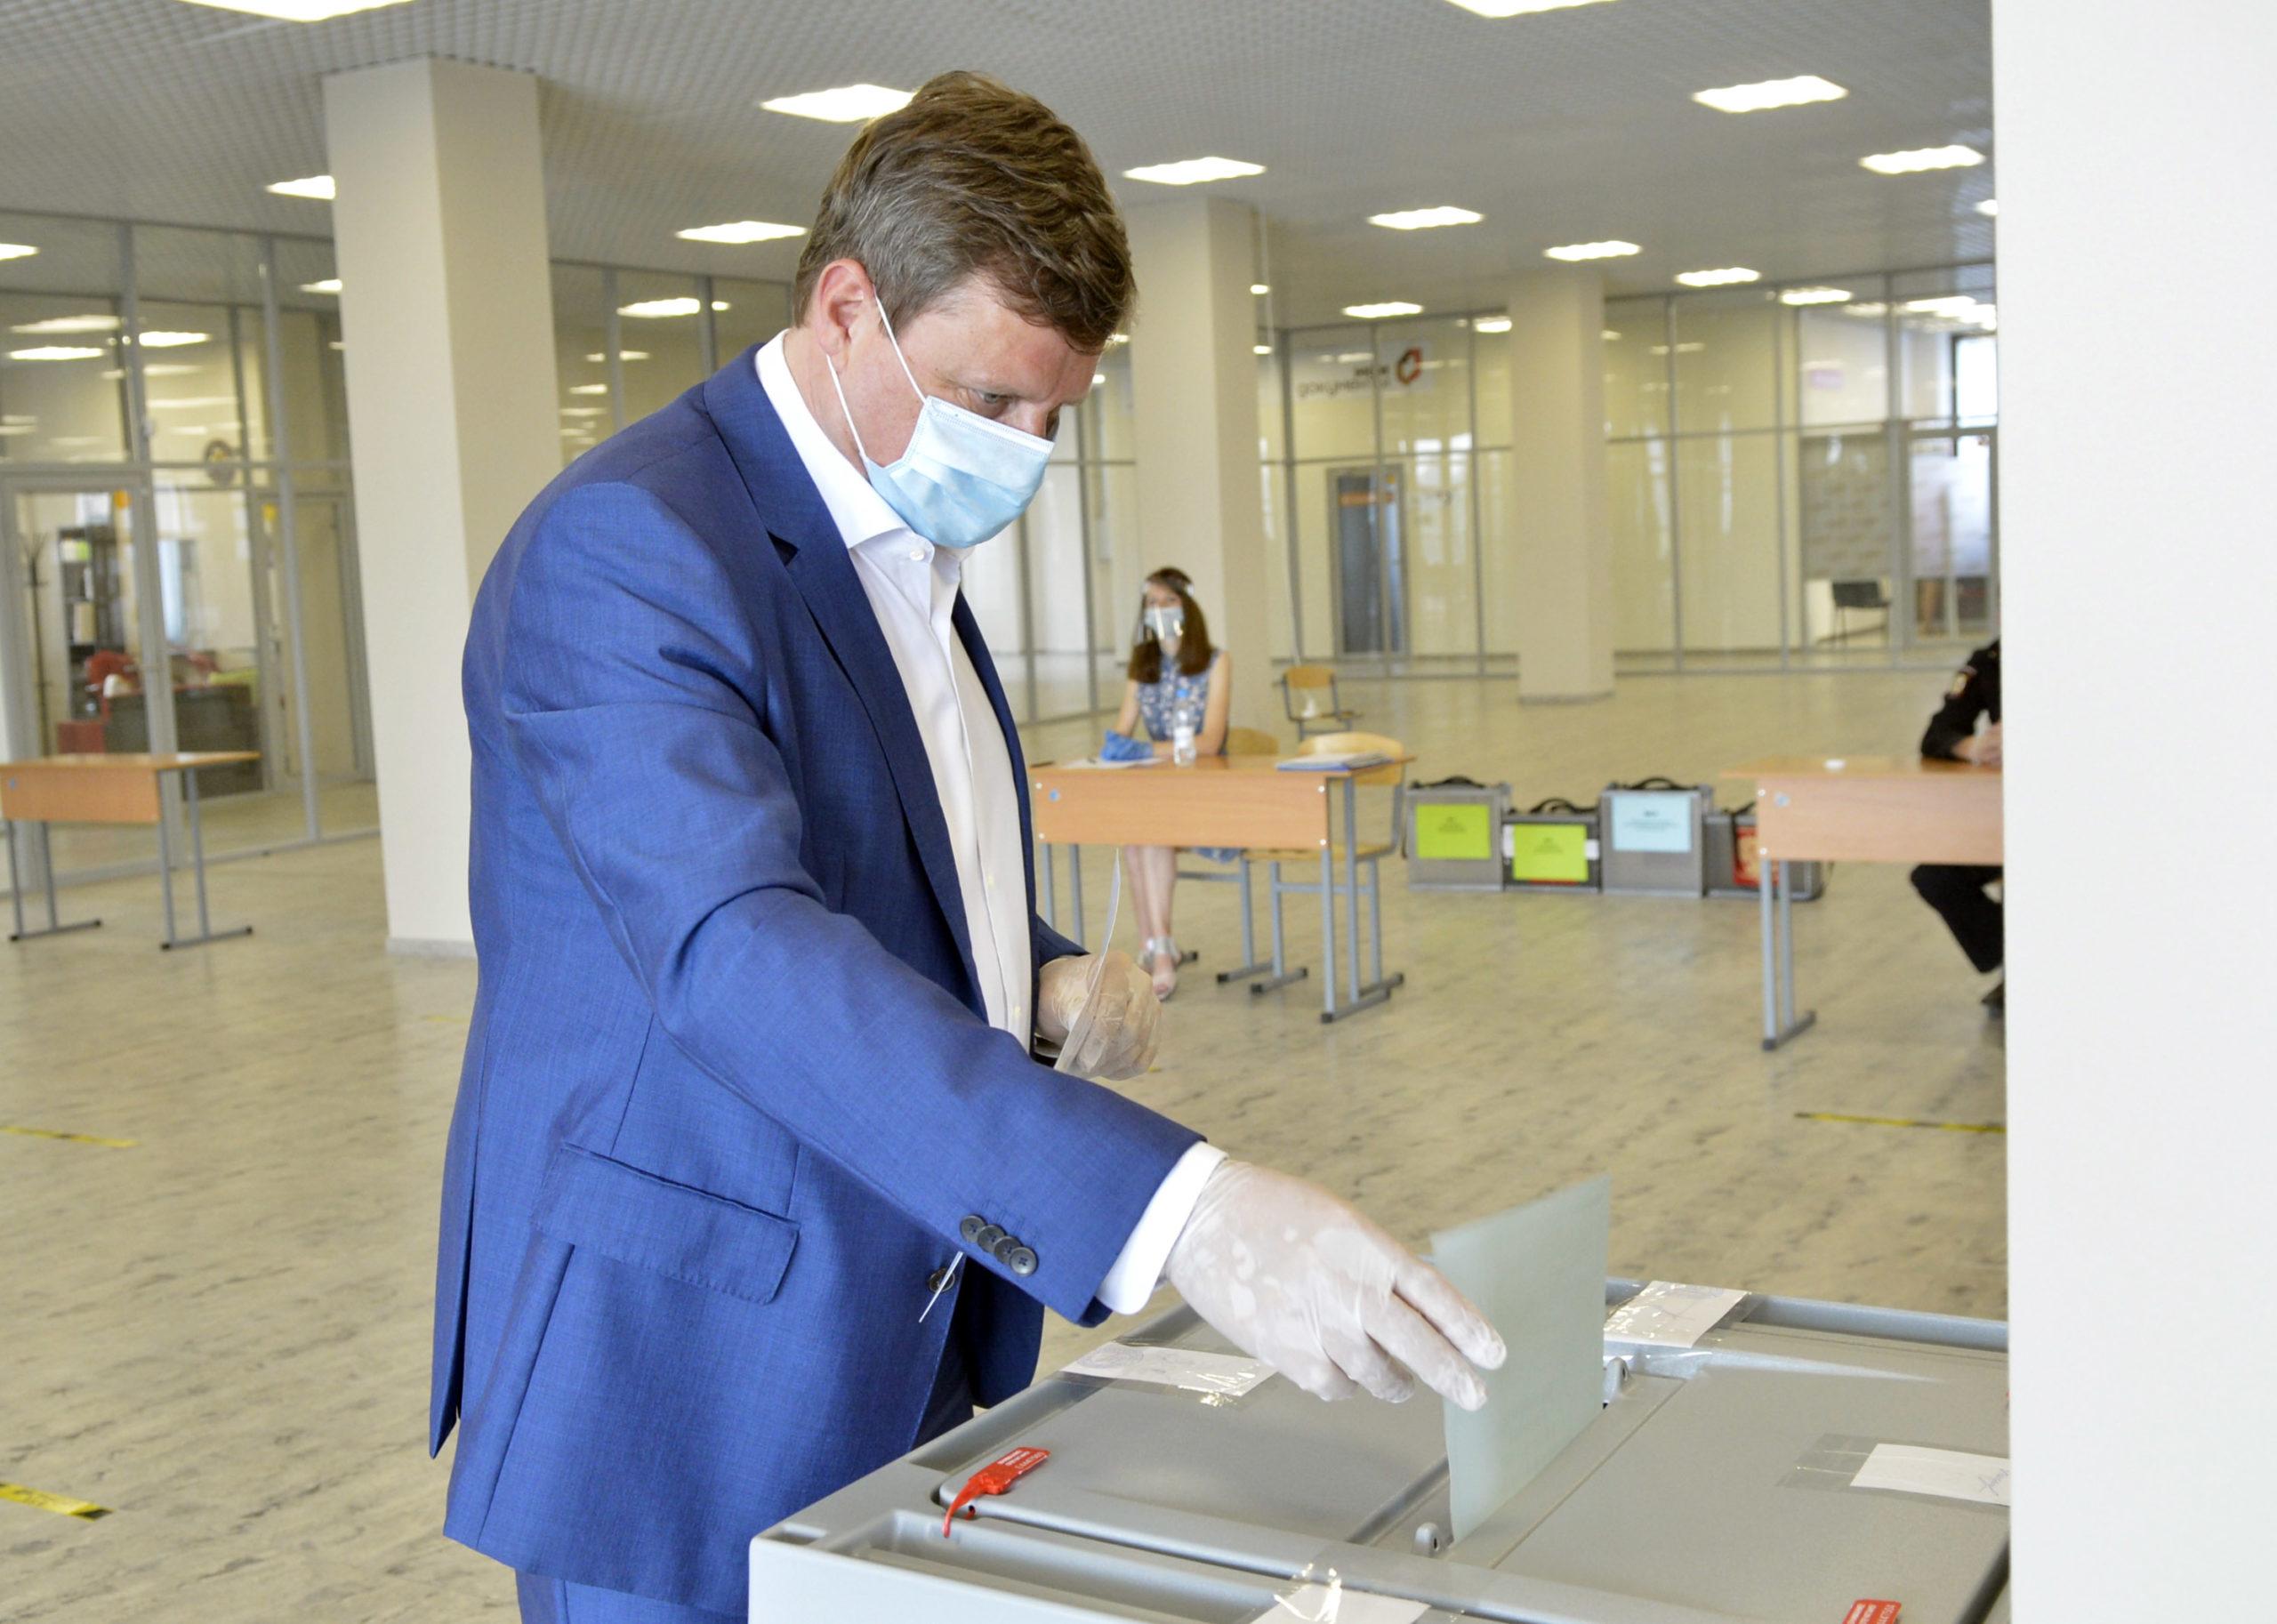 Хроника голосования: Сенатор от Тверской области Андрей Епишин отметился на избирательном участке